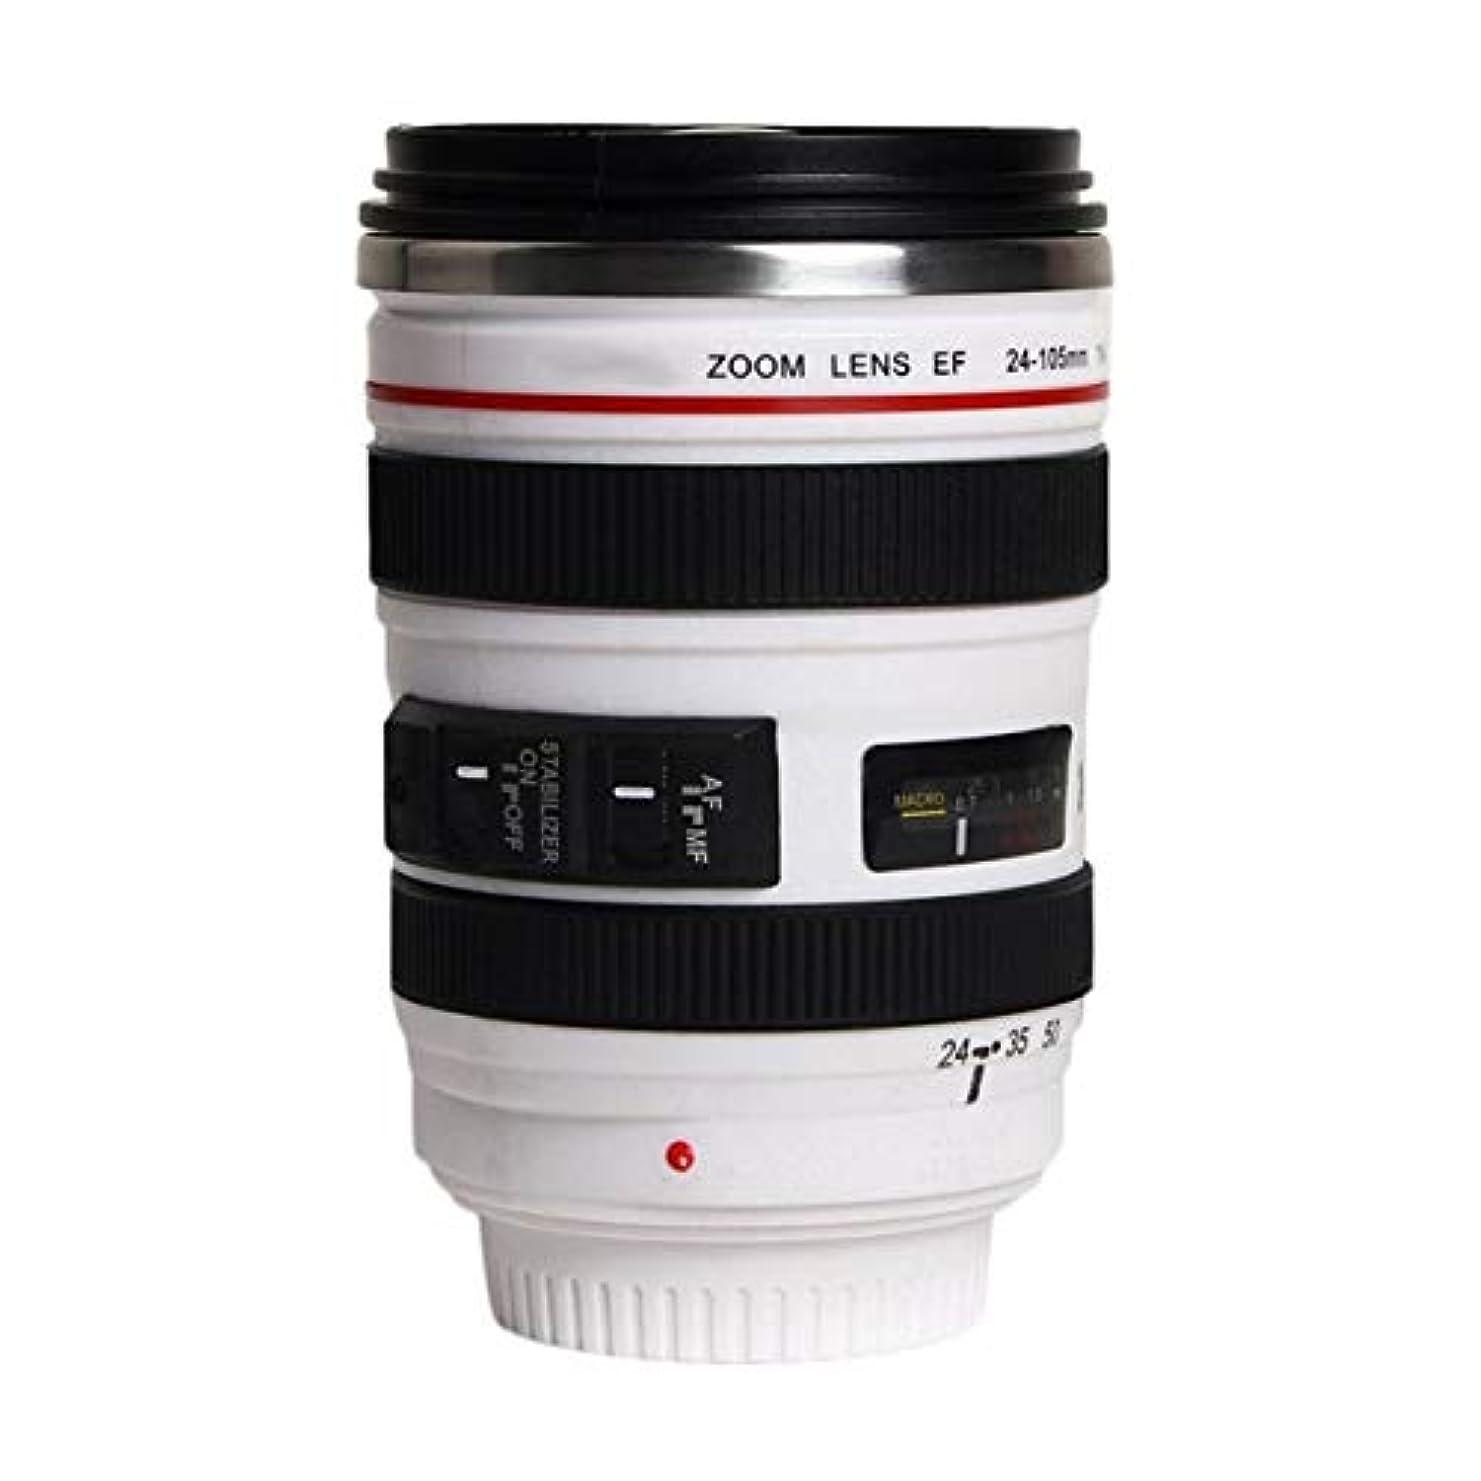 バン要求する無効Saikogoods ファッション1PCS耐久DIYステンレス鋼真空フラスコ旅行コーヒーマグカップ水コーヒーティーカメラレンズカップのふたギフト付き 白